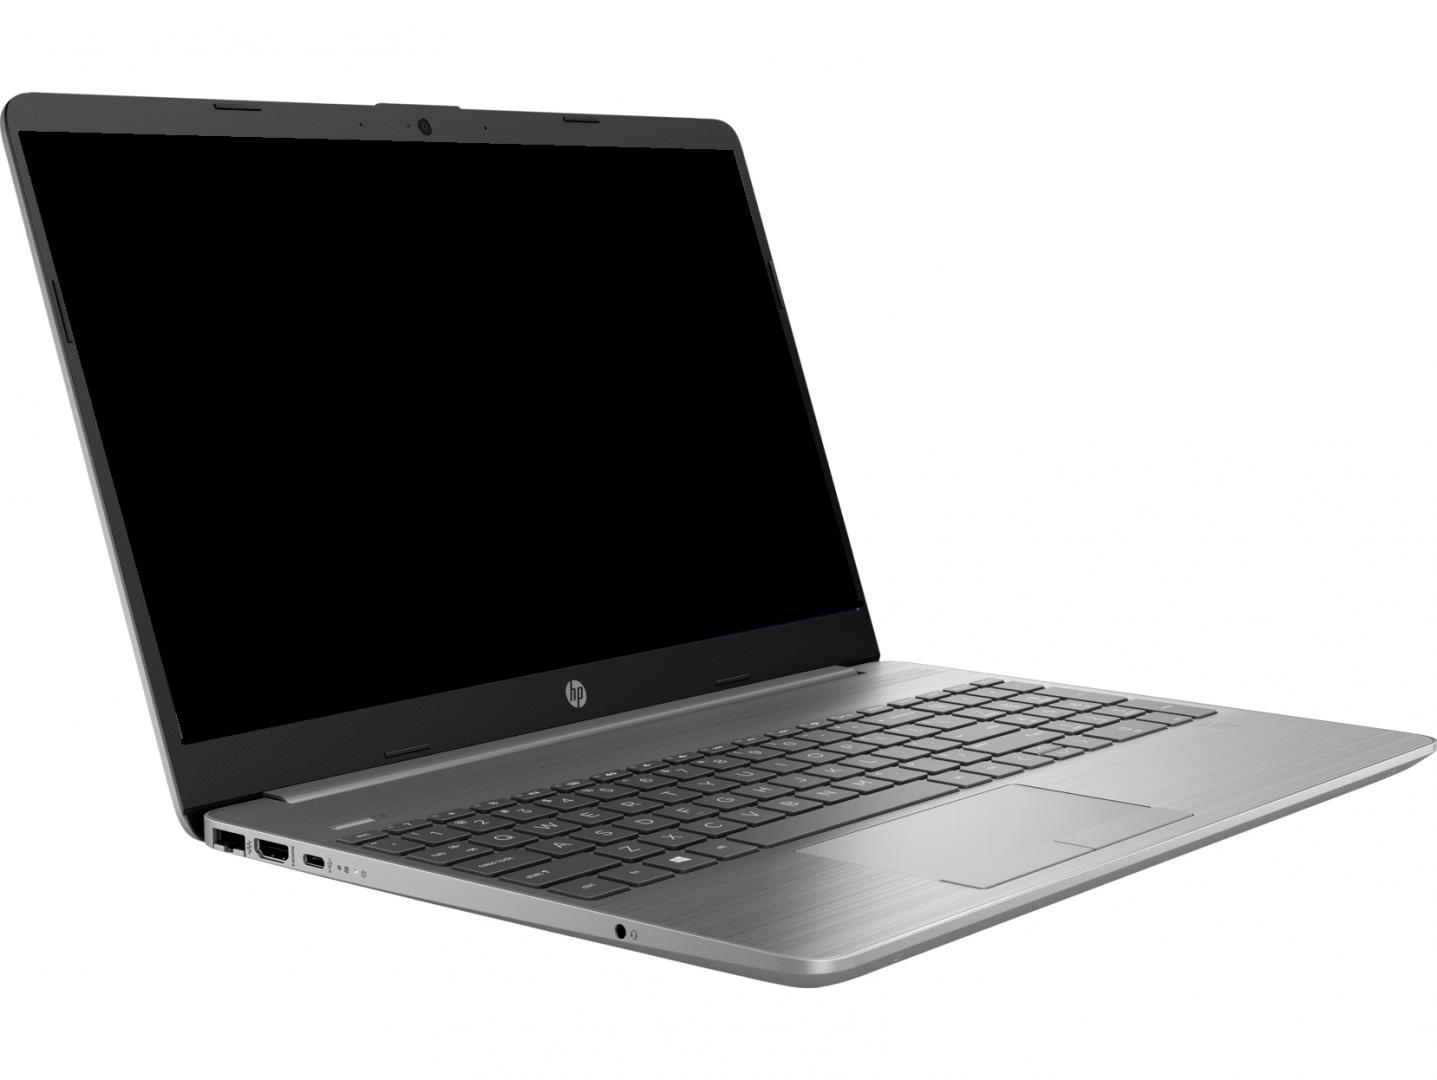 """NOTEBOOK HP 250G8 15.6"""" FHD i5-1035G1 8GB 256GB UMA DOS - imaginea 2"""